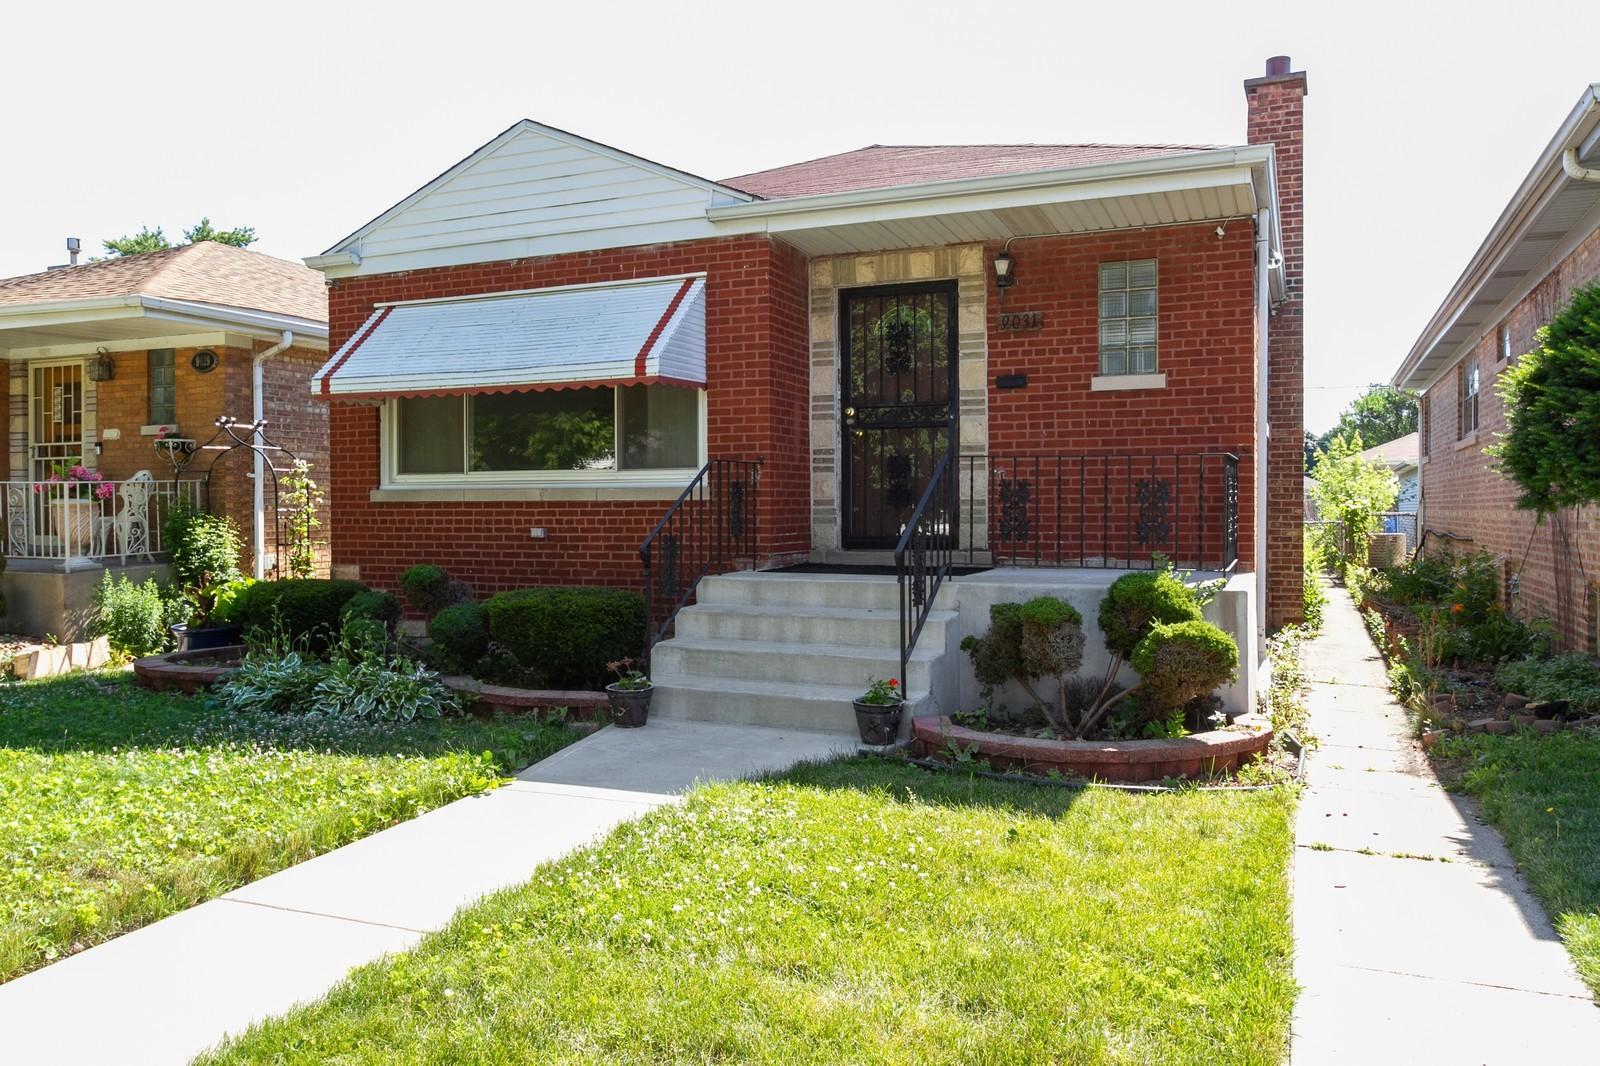 9031 S Euclid Avenue, Chicago IL 60617